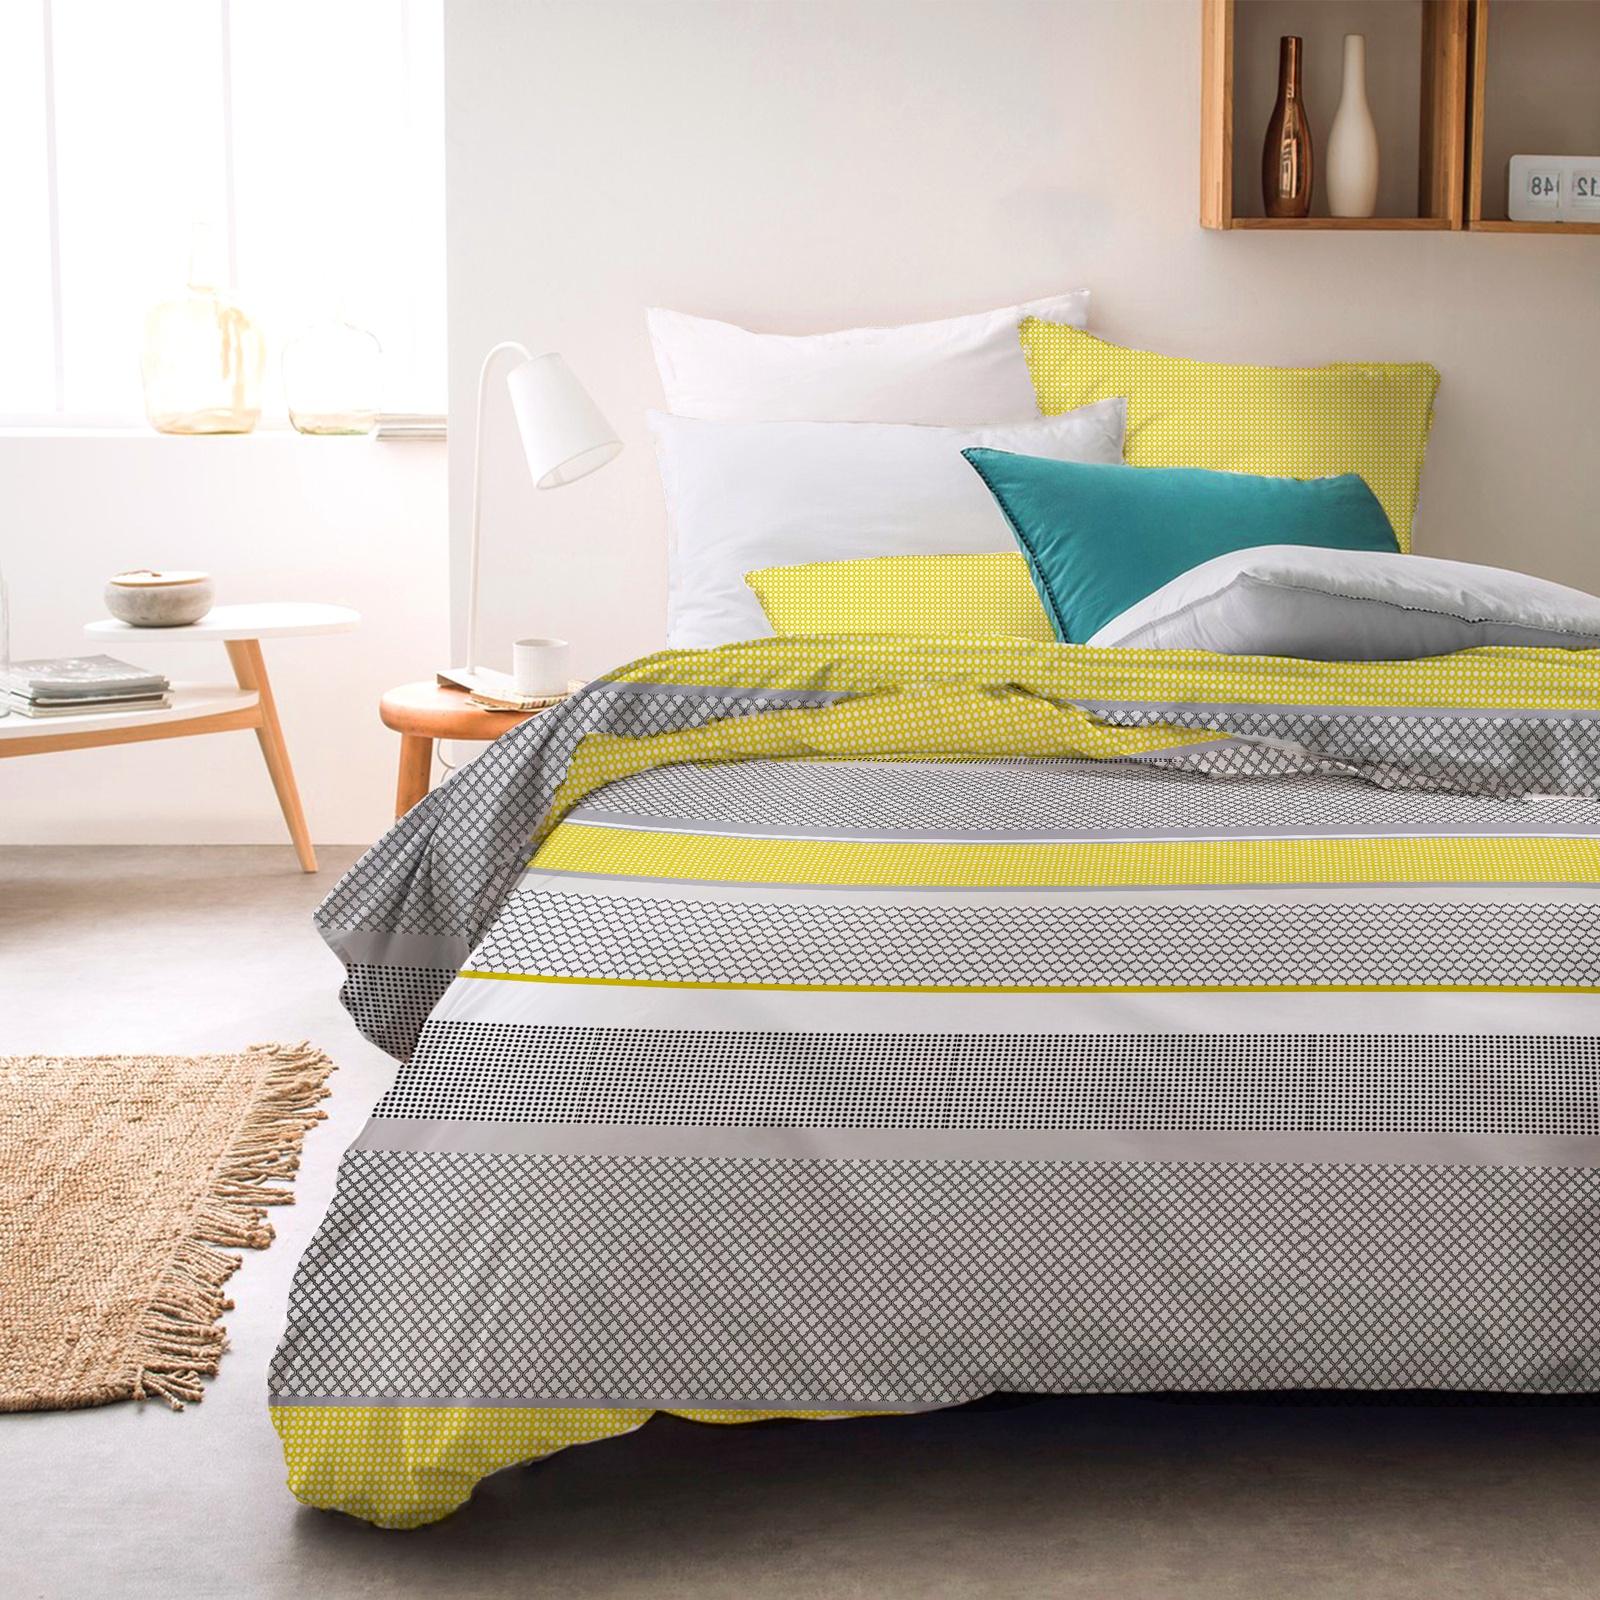 цена на Комплект постельного белья Seta Azalea Satin Chiaro, 019111282, серый, желтый, 1.5 спальный